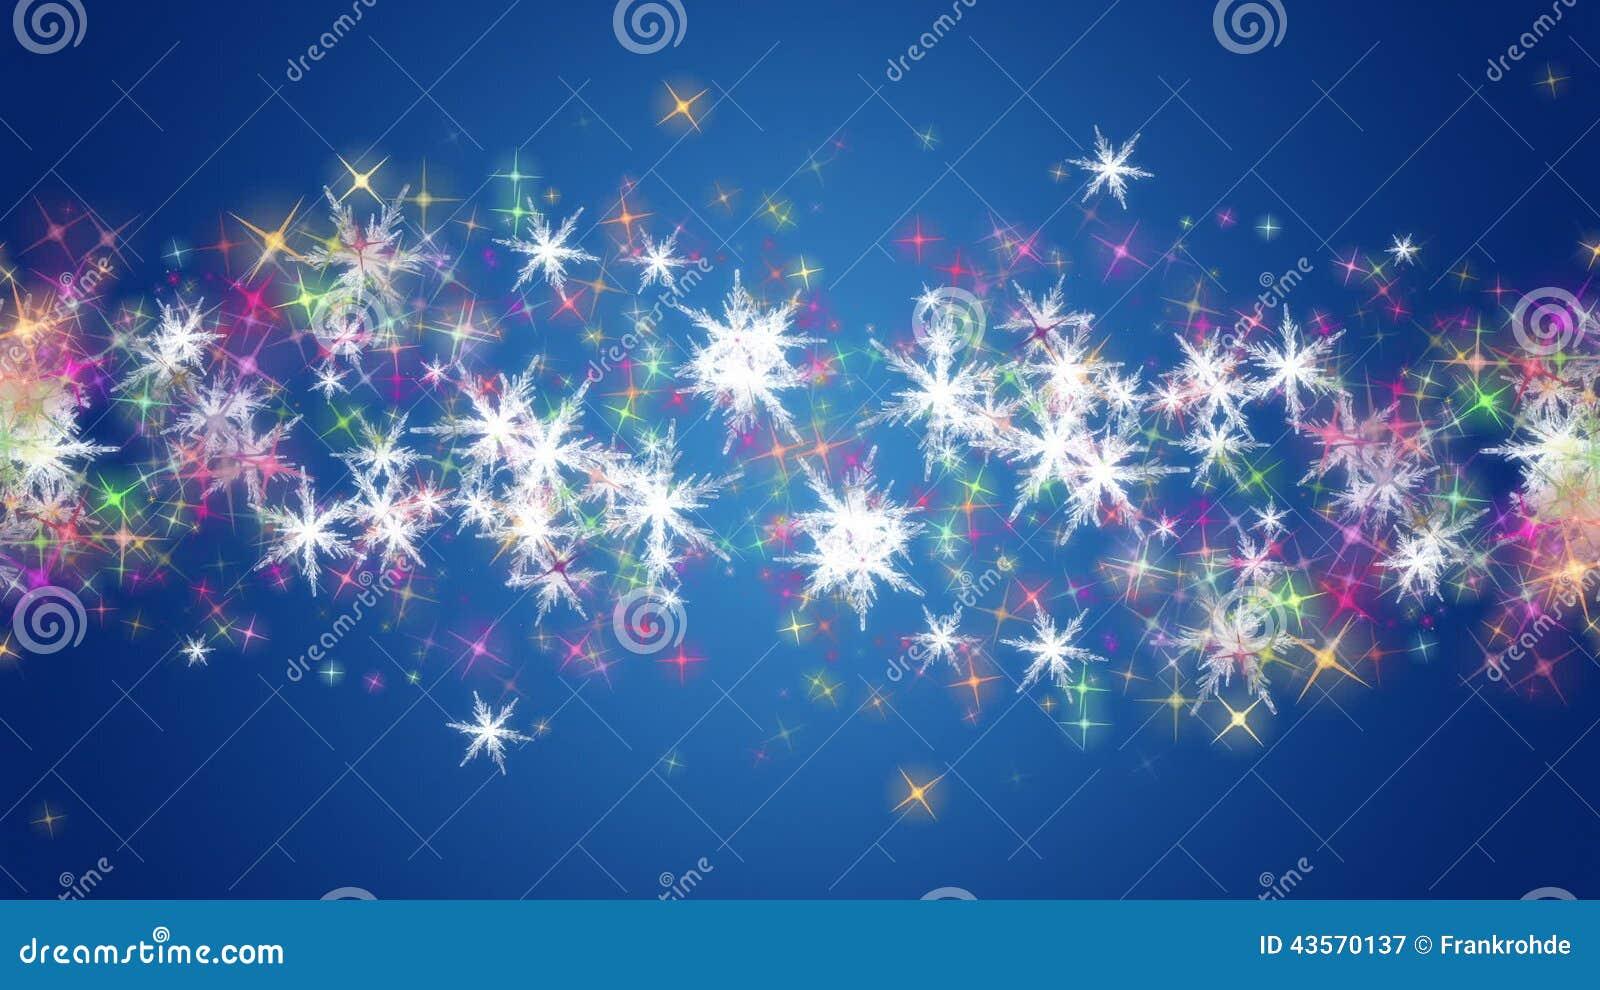 Wunderbare Weihnachtsanimation Mit Sternen Und Schneeflocken ...